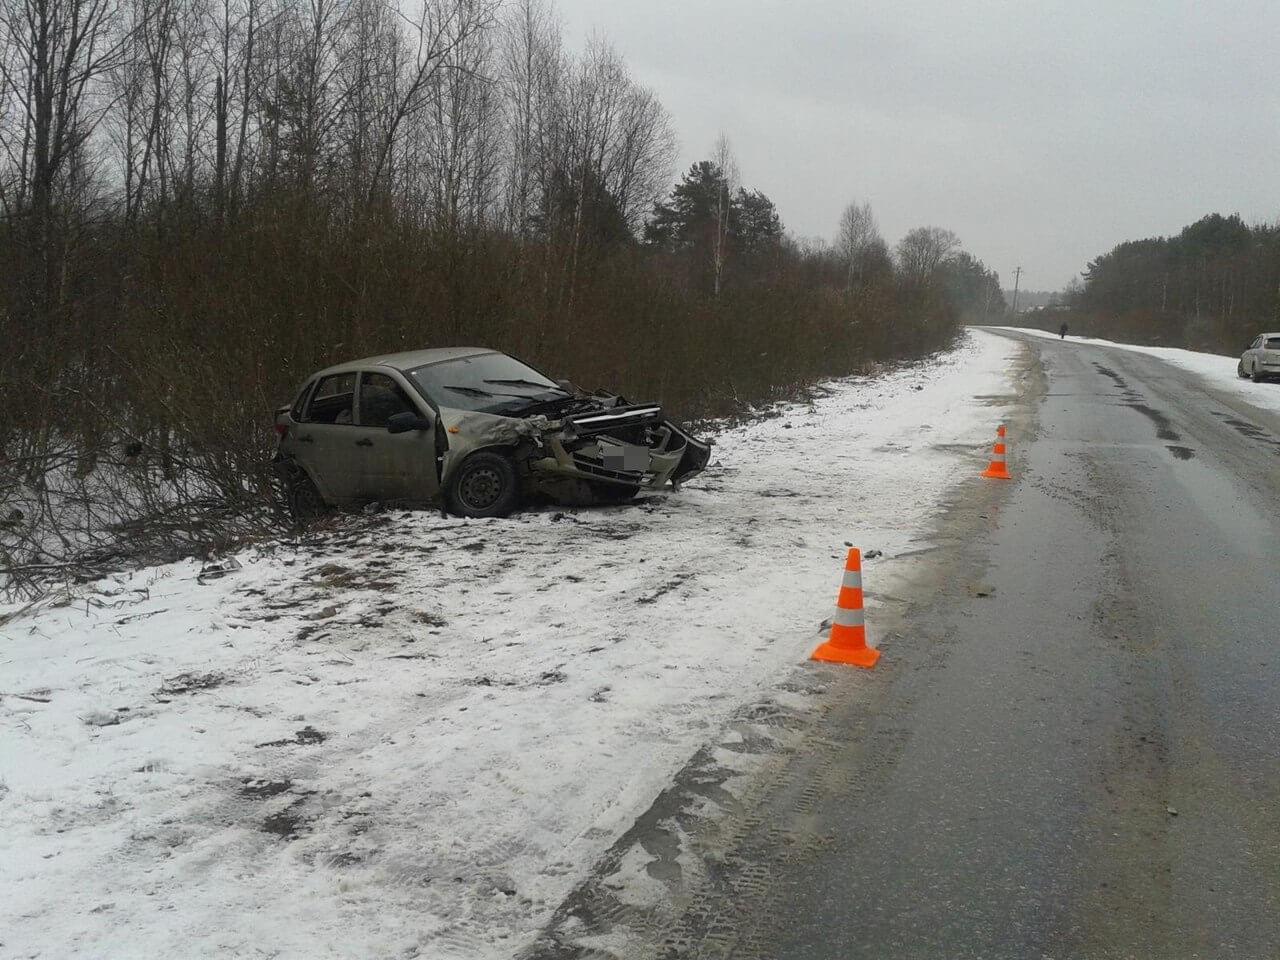 31 марта на дорогах Тверской области пострадали 6 человек